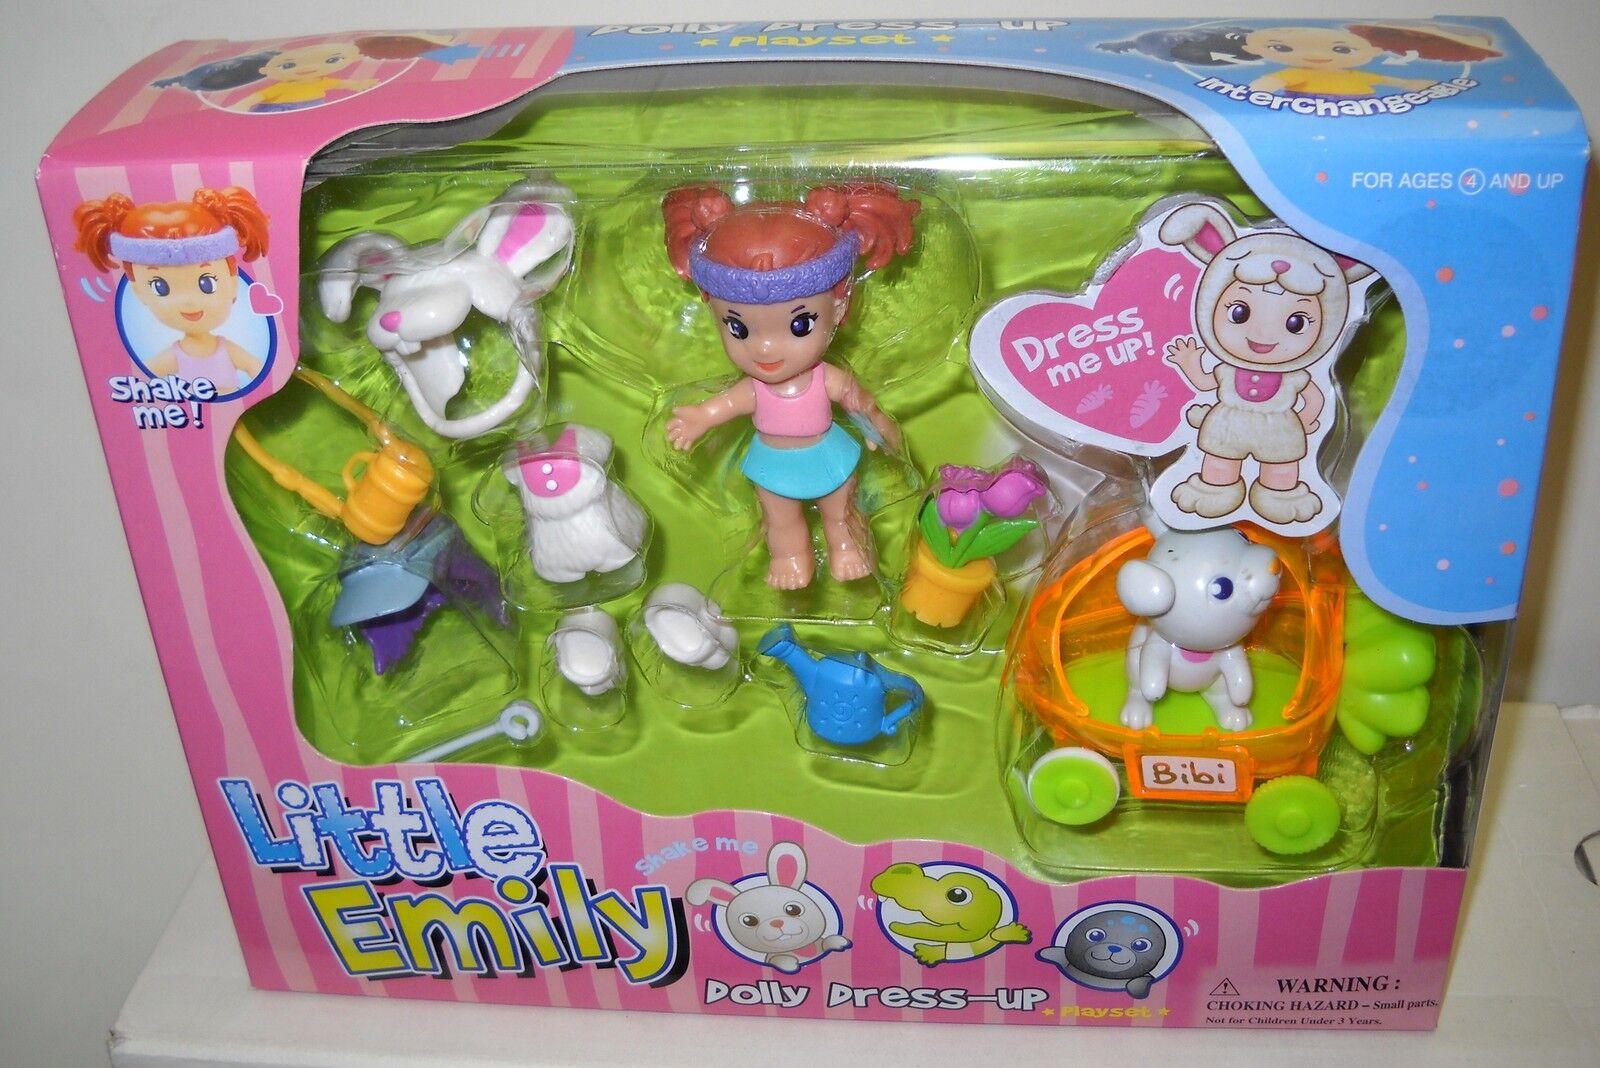 Nunca quitado de la Caja Excite Juguetes 3 poco Emily Dolly vestir Playsets